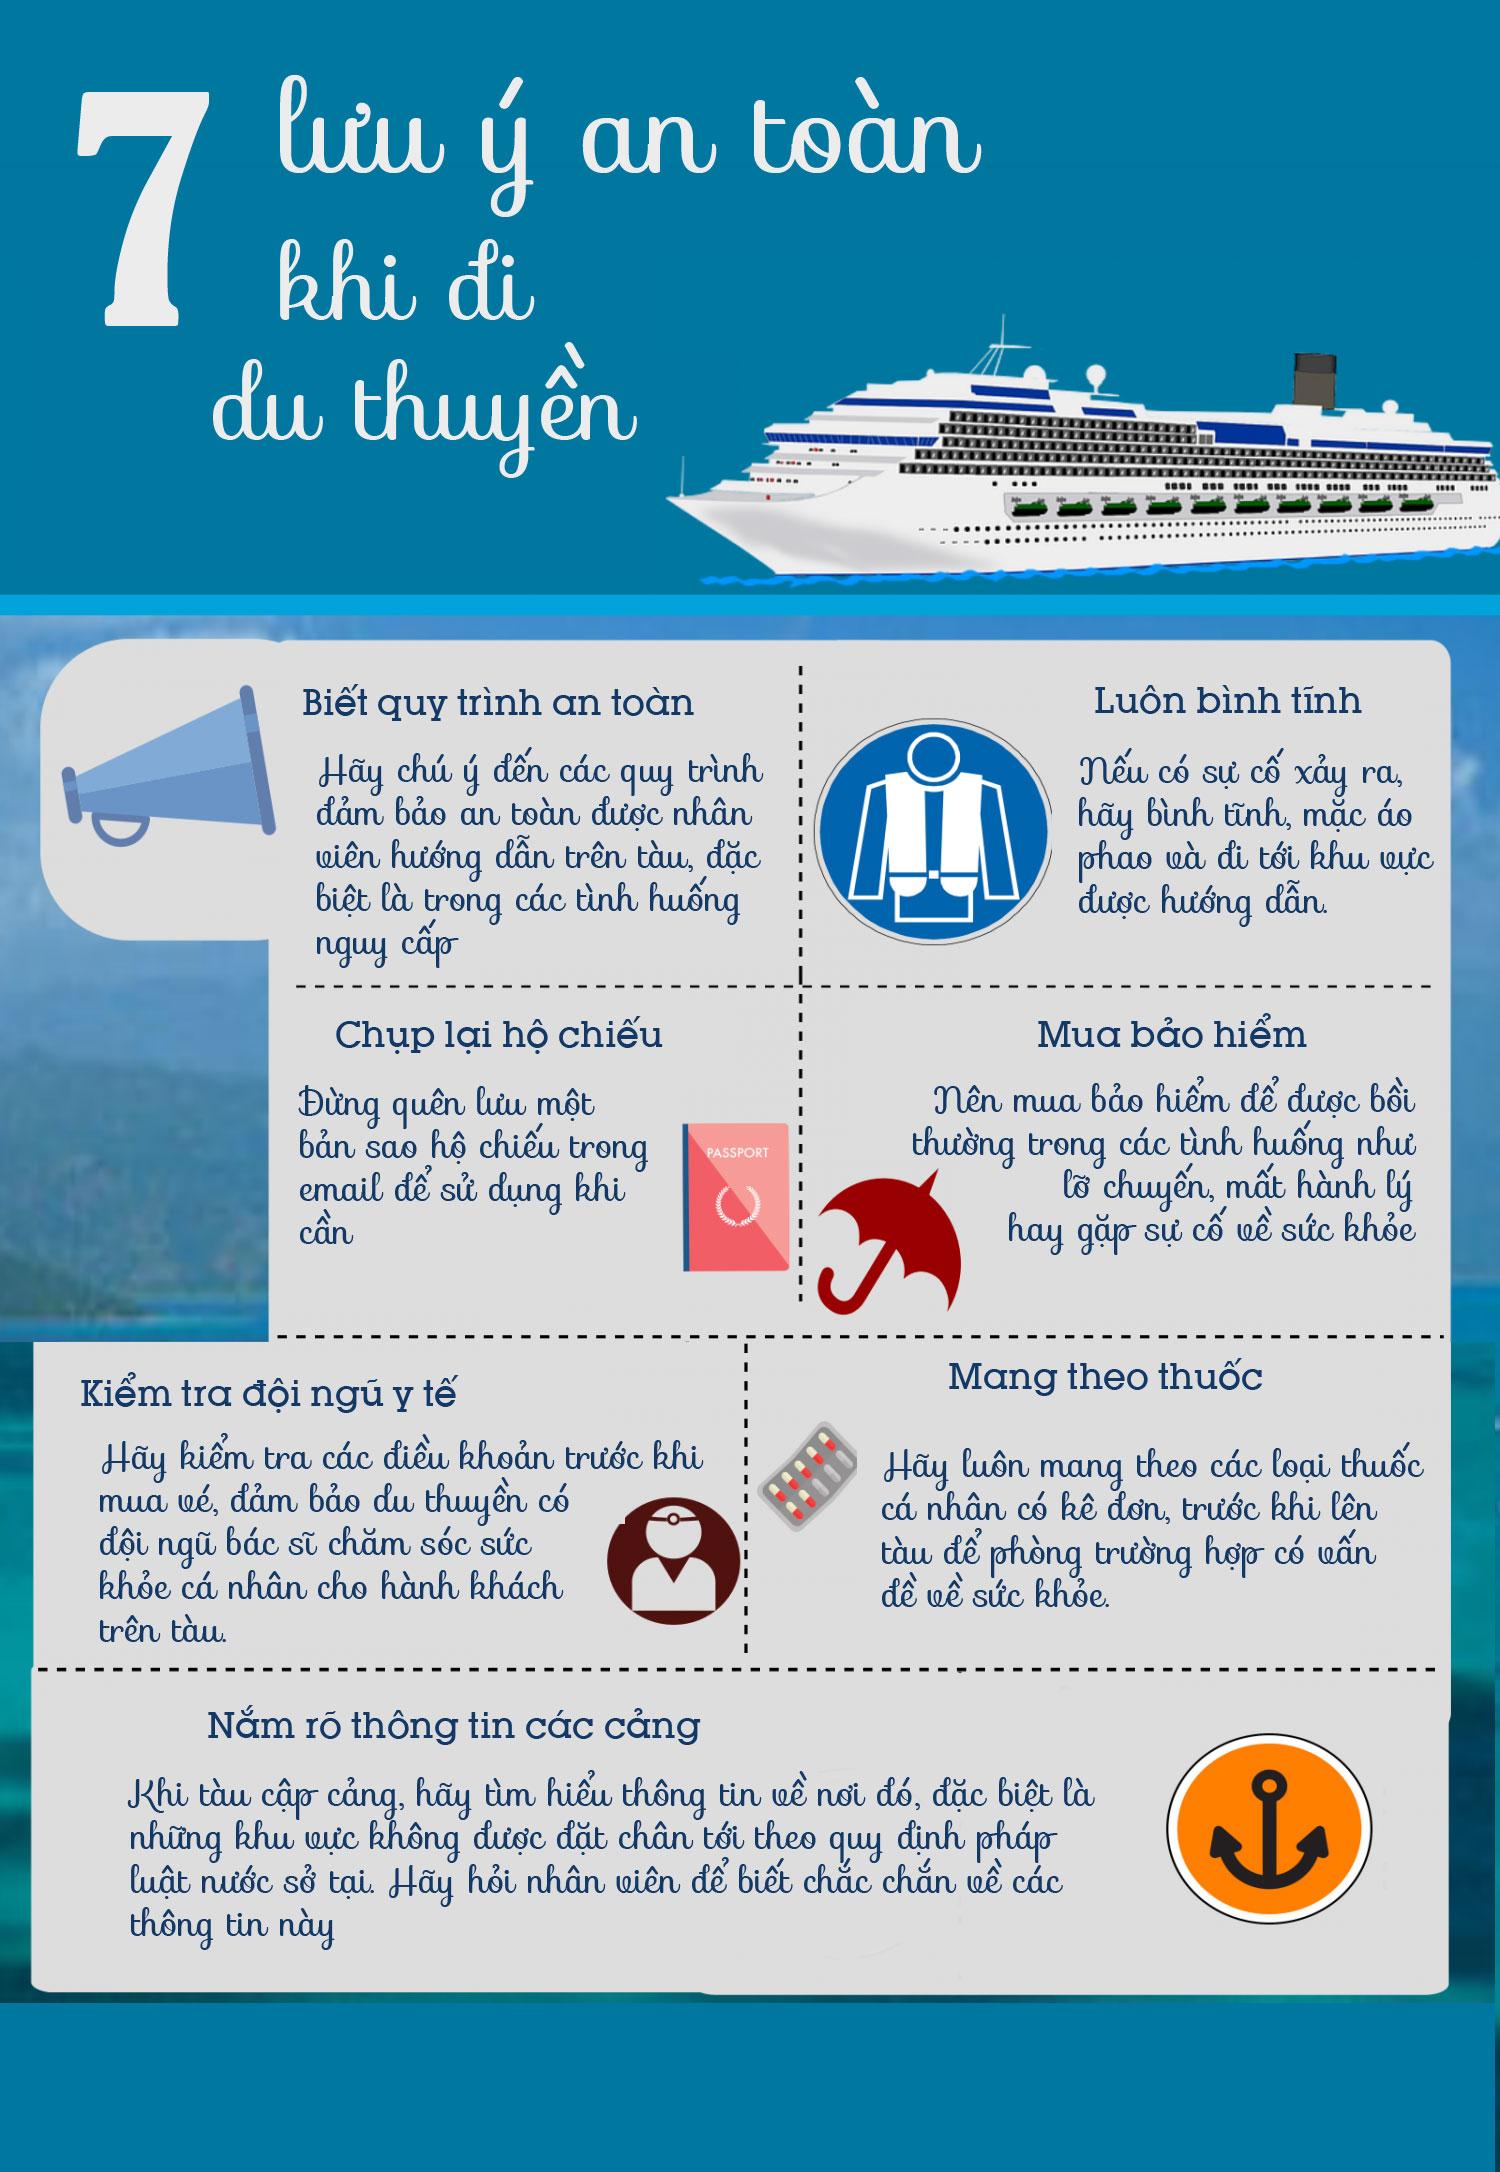 7 lưu ý an toàn khi đi du thuyền